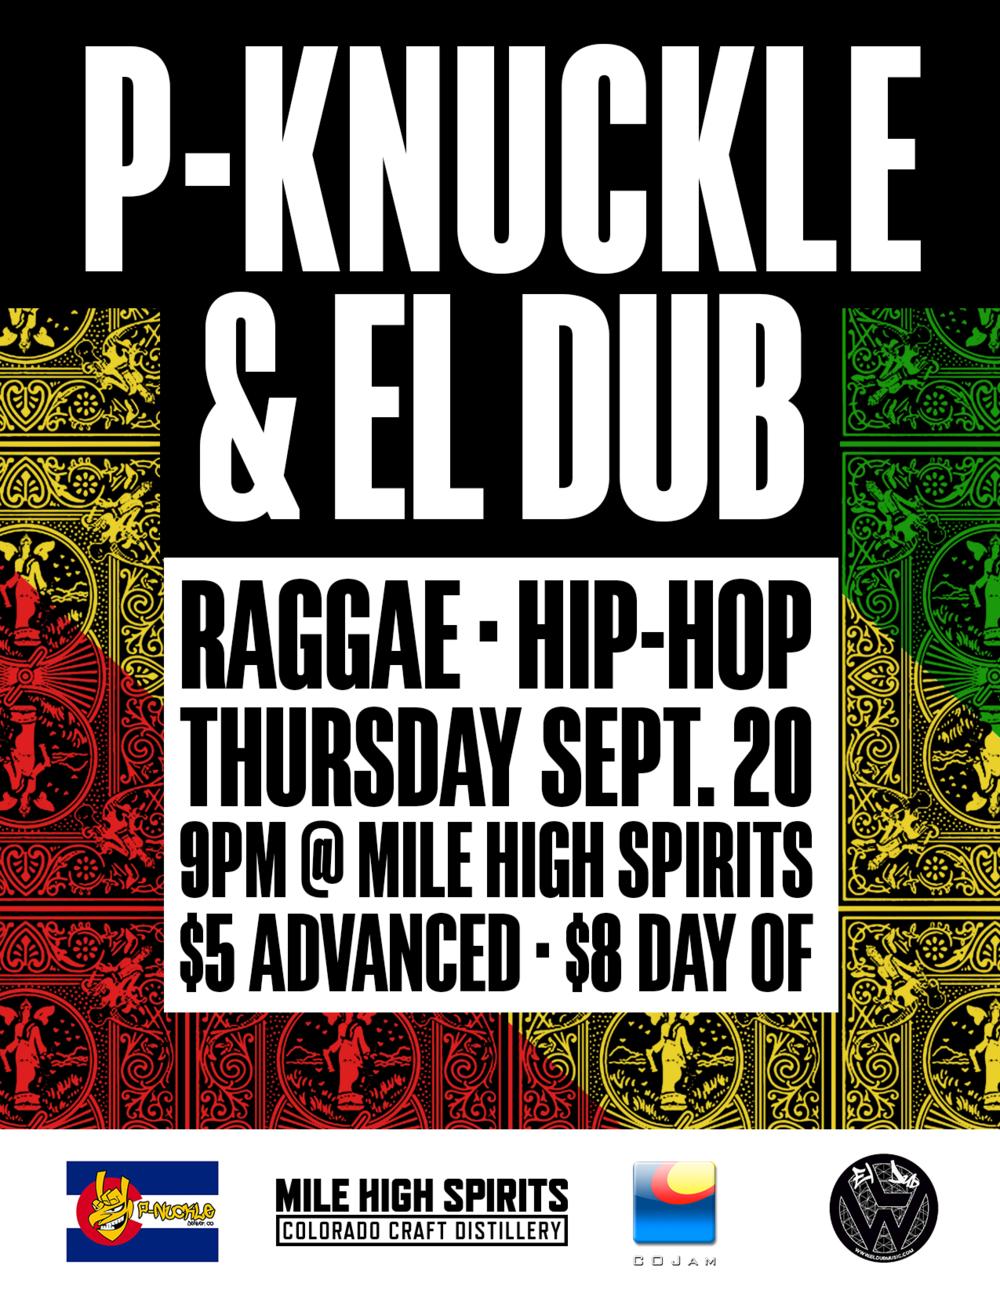 p-knucle_el_dub_concert_flyer_v1.png